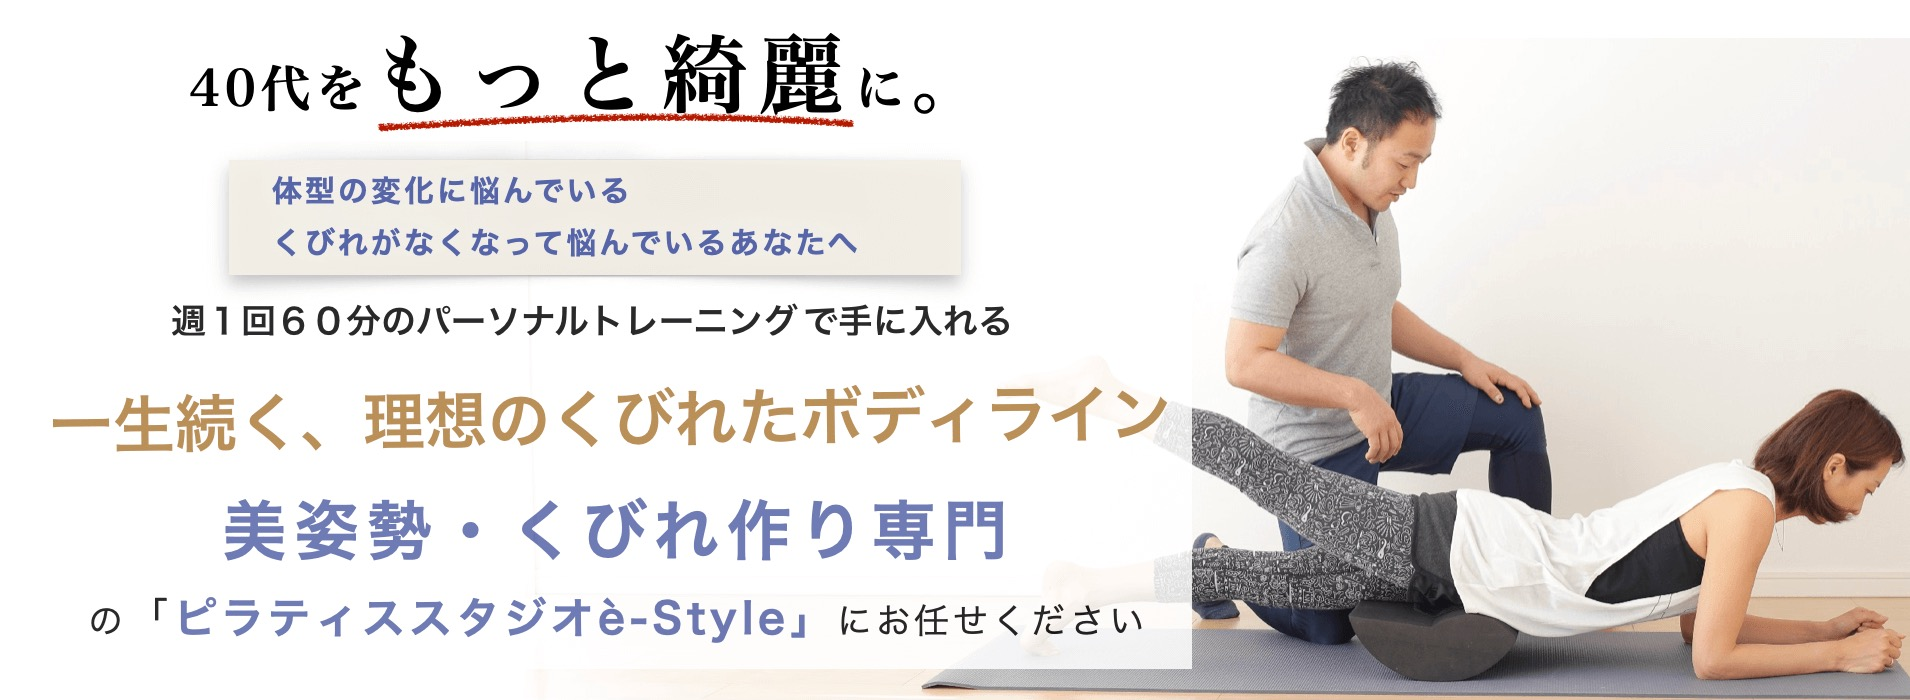 渋谷代々木上原 女性専門ピラティス&パーソナルトレーニング|è-Style